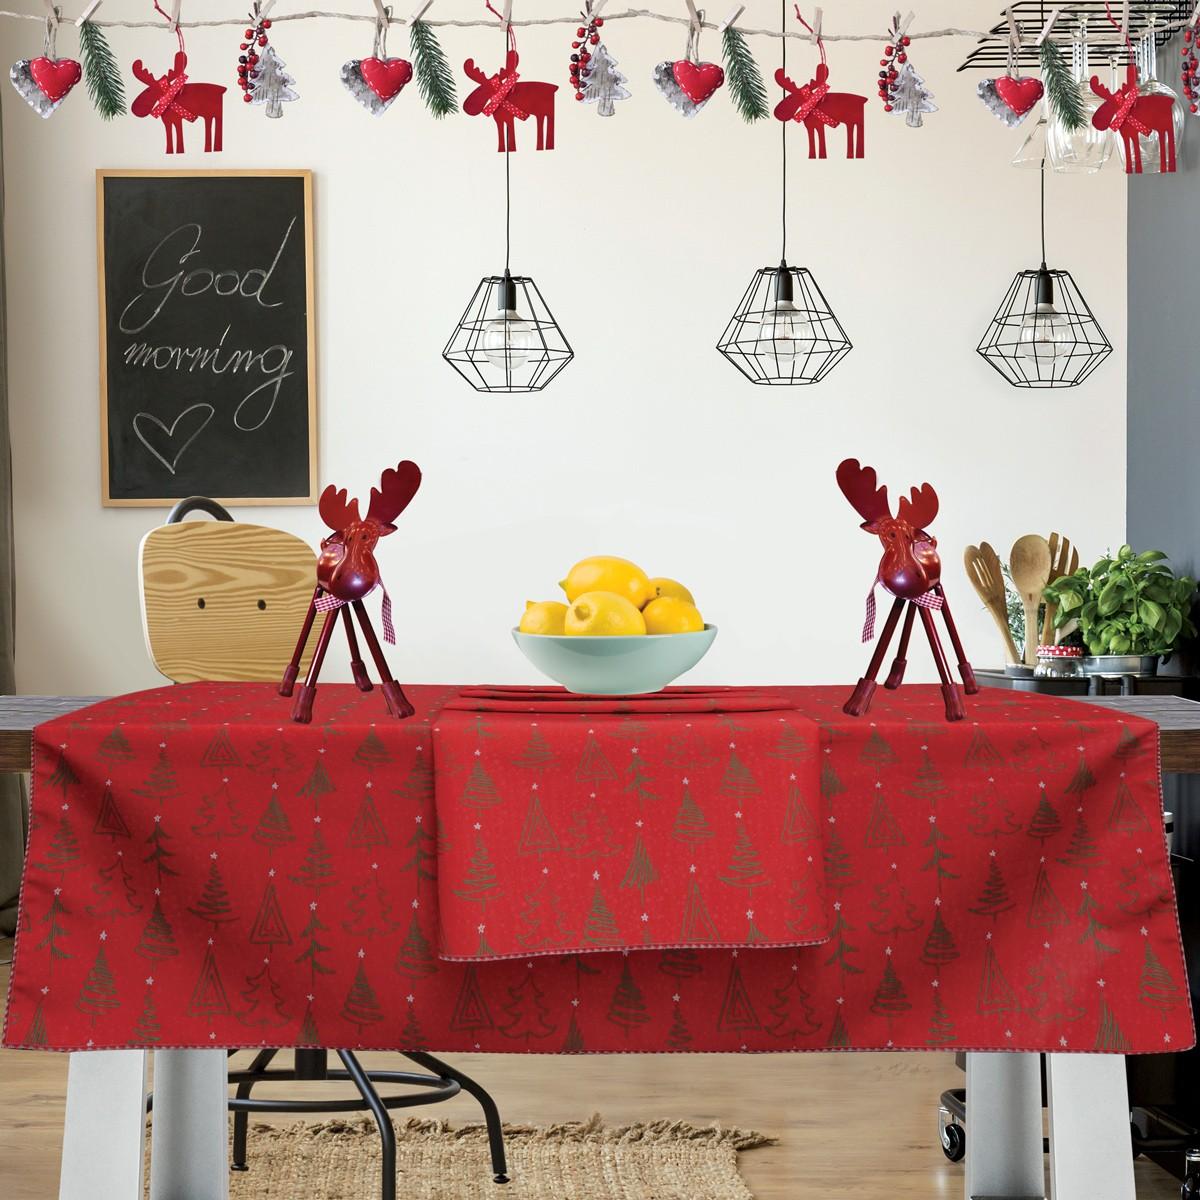 Χριστουγεννιάτικο Τραπεζομάντηλο (140×140) Das Home Kitchen 550